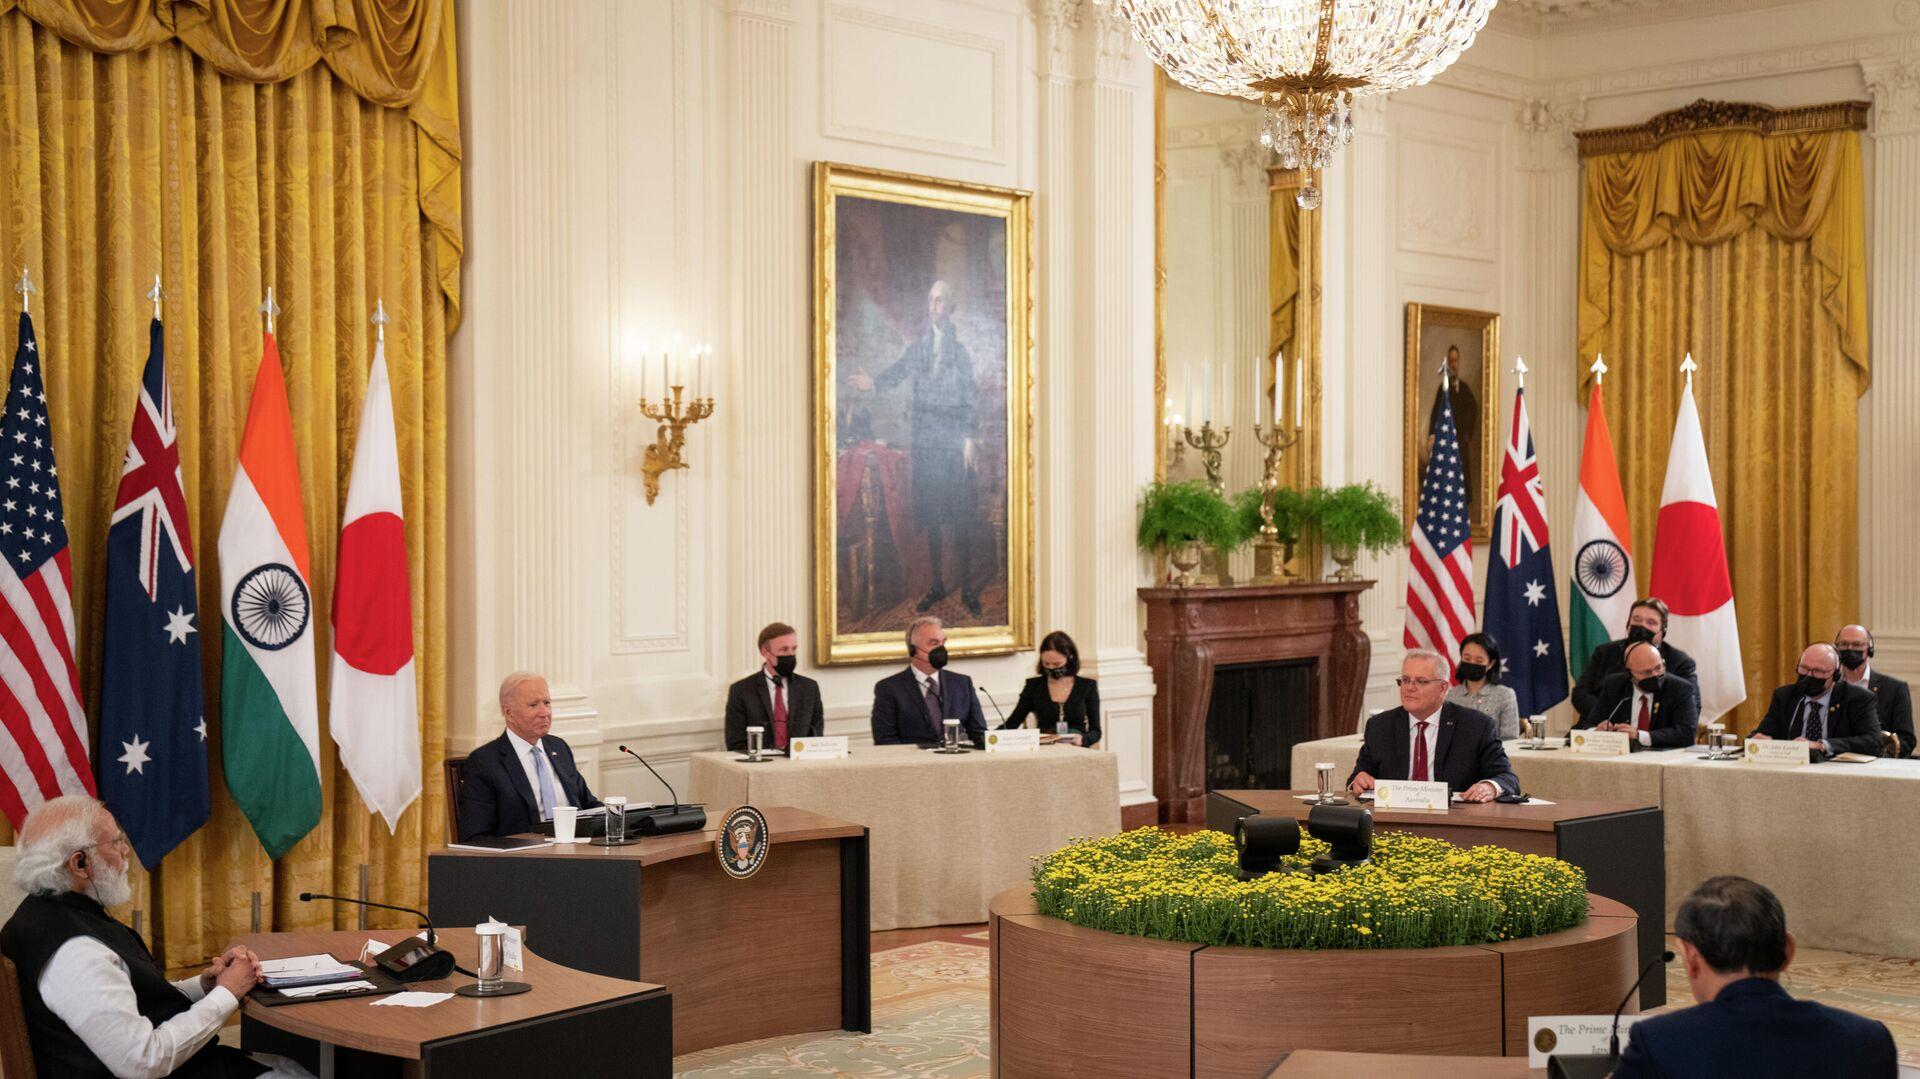 ABD Başkanı Joe Biden, Hindistan, Japonya ve Avustralya liderleri ile Beyaz Saray'da Hint-Pasifik ilişkilerini görüşmek üzere bir araya gelerek, Çin'e karşı gayrı resmi bir stratejik ortaklık olan Dörtlü Liderler Zirvesi'ni gerçekleştirdi. - Sputnik Türkiye, 1920, 25.09.2021